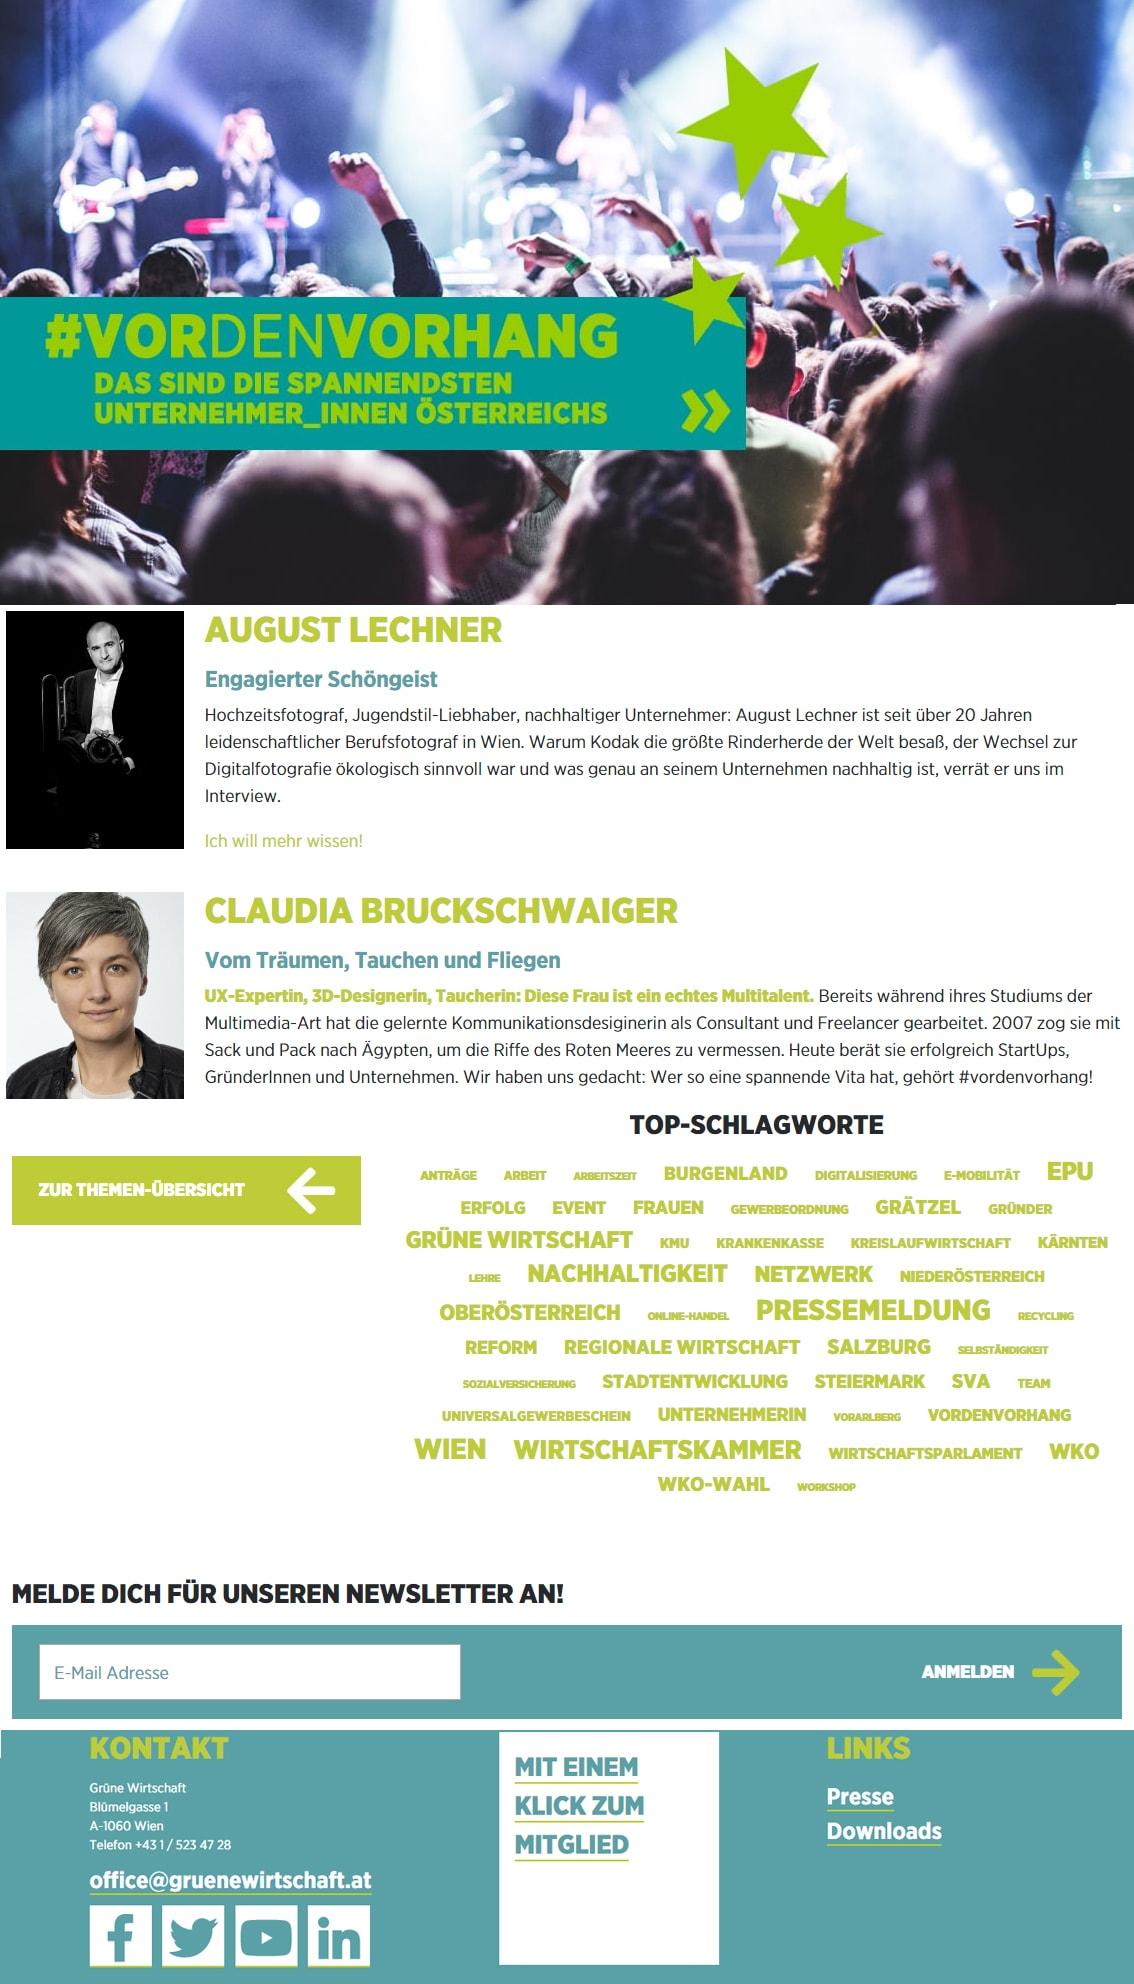 Formatentwicklung Grüne Wirtschaft | Lina Bibaric